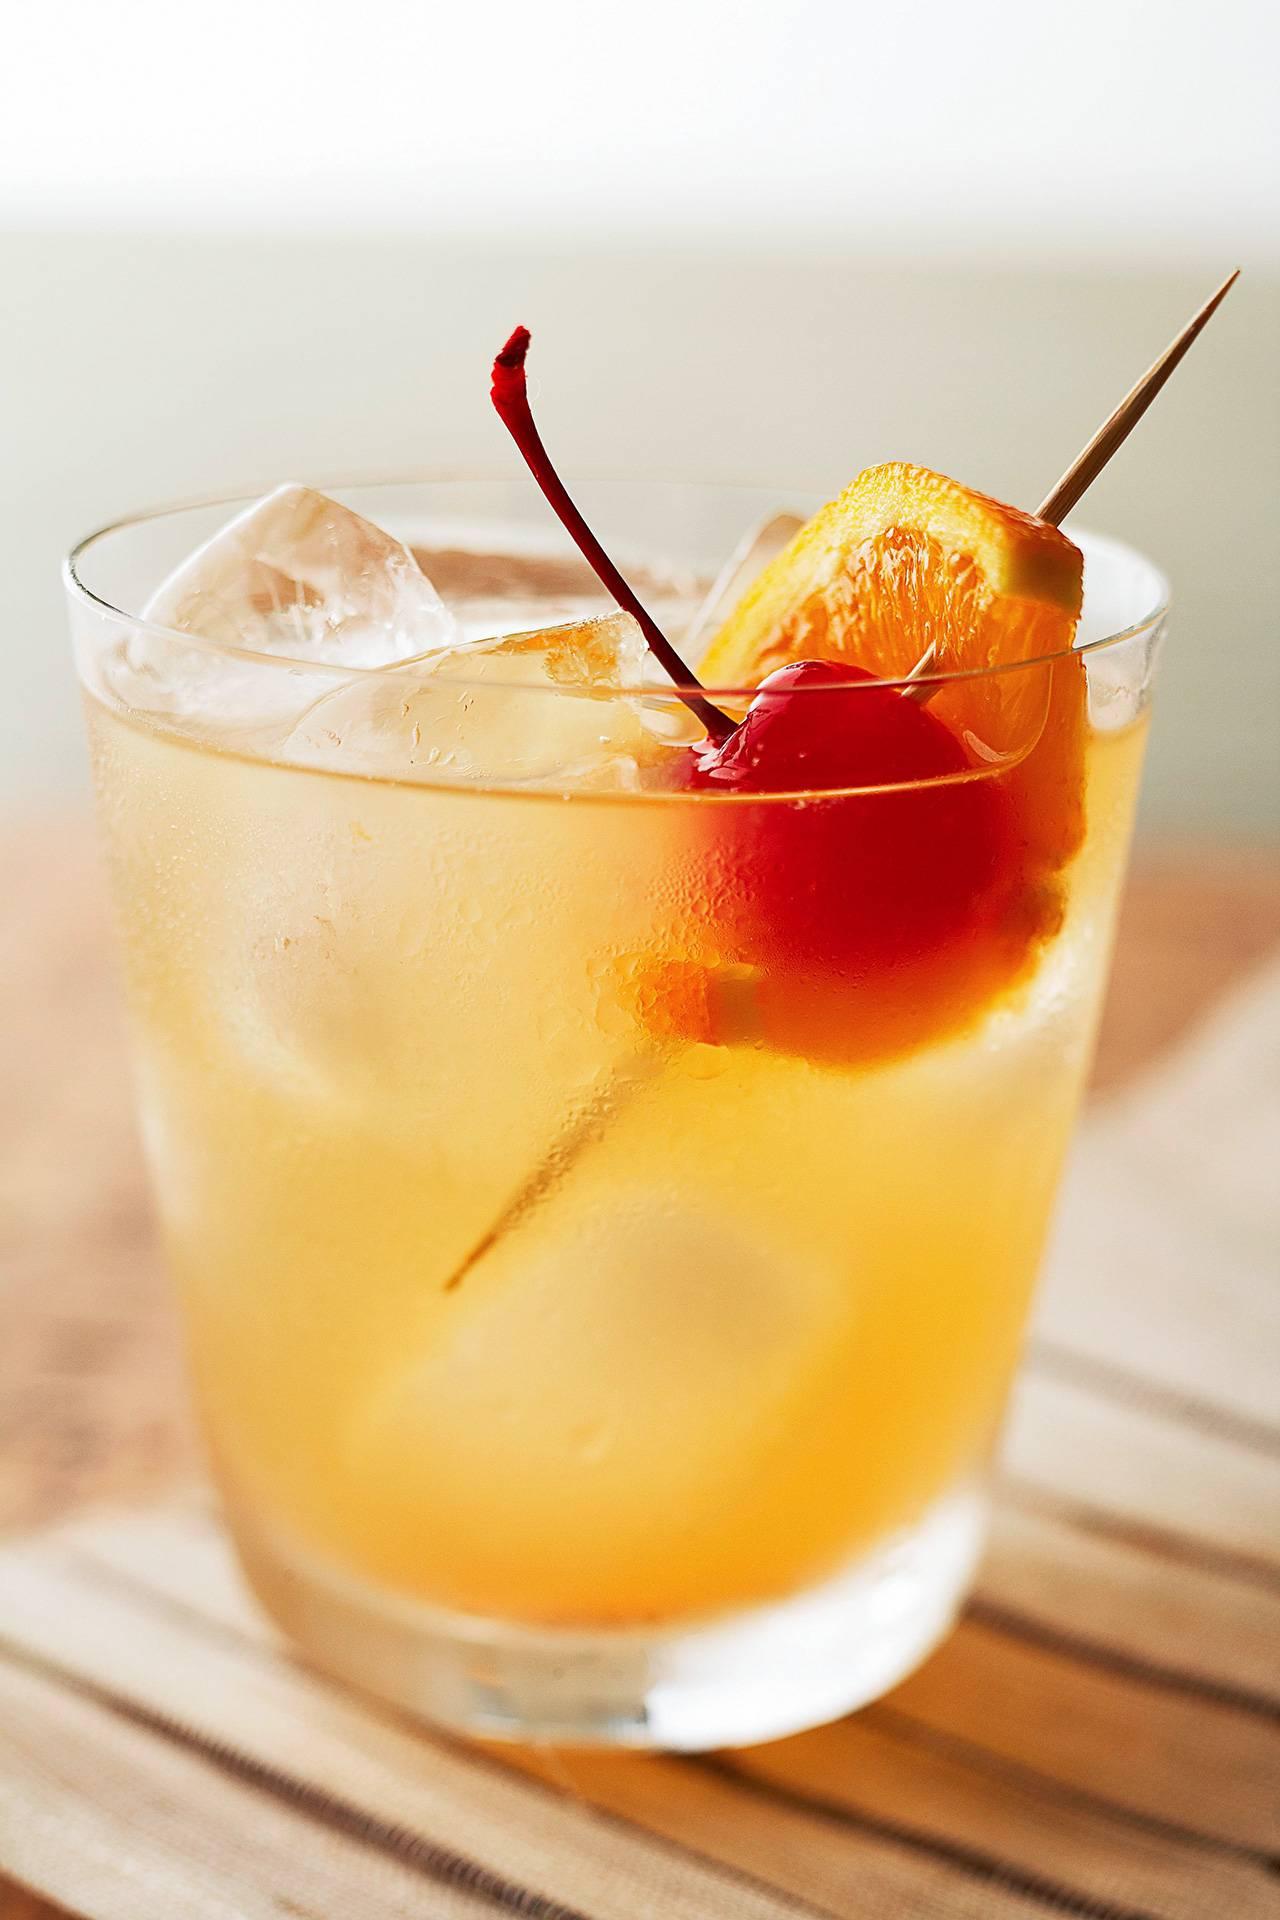 Как сделать коктейль писко сауэр в домашних условиях